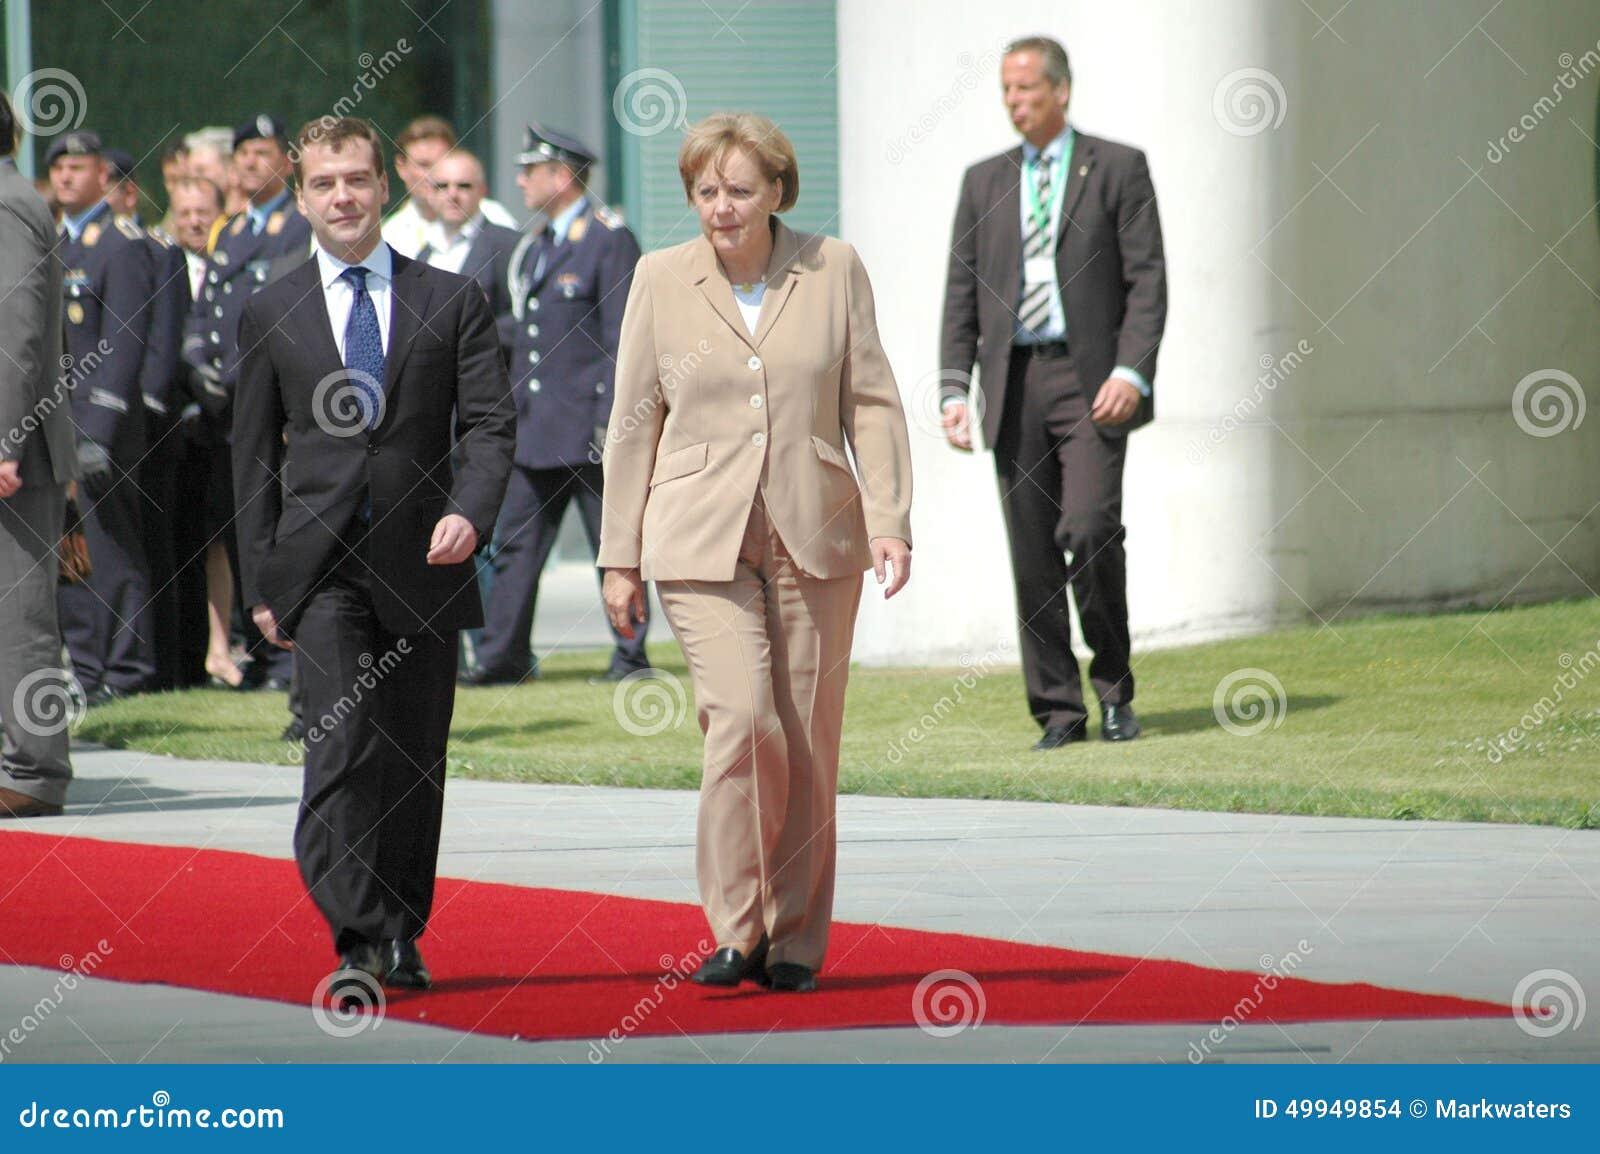 Dmitry Medvedev (Dmitri Medwedew), Kanzler Angela Merkel